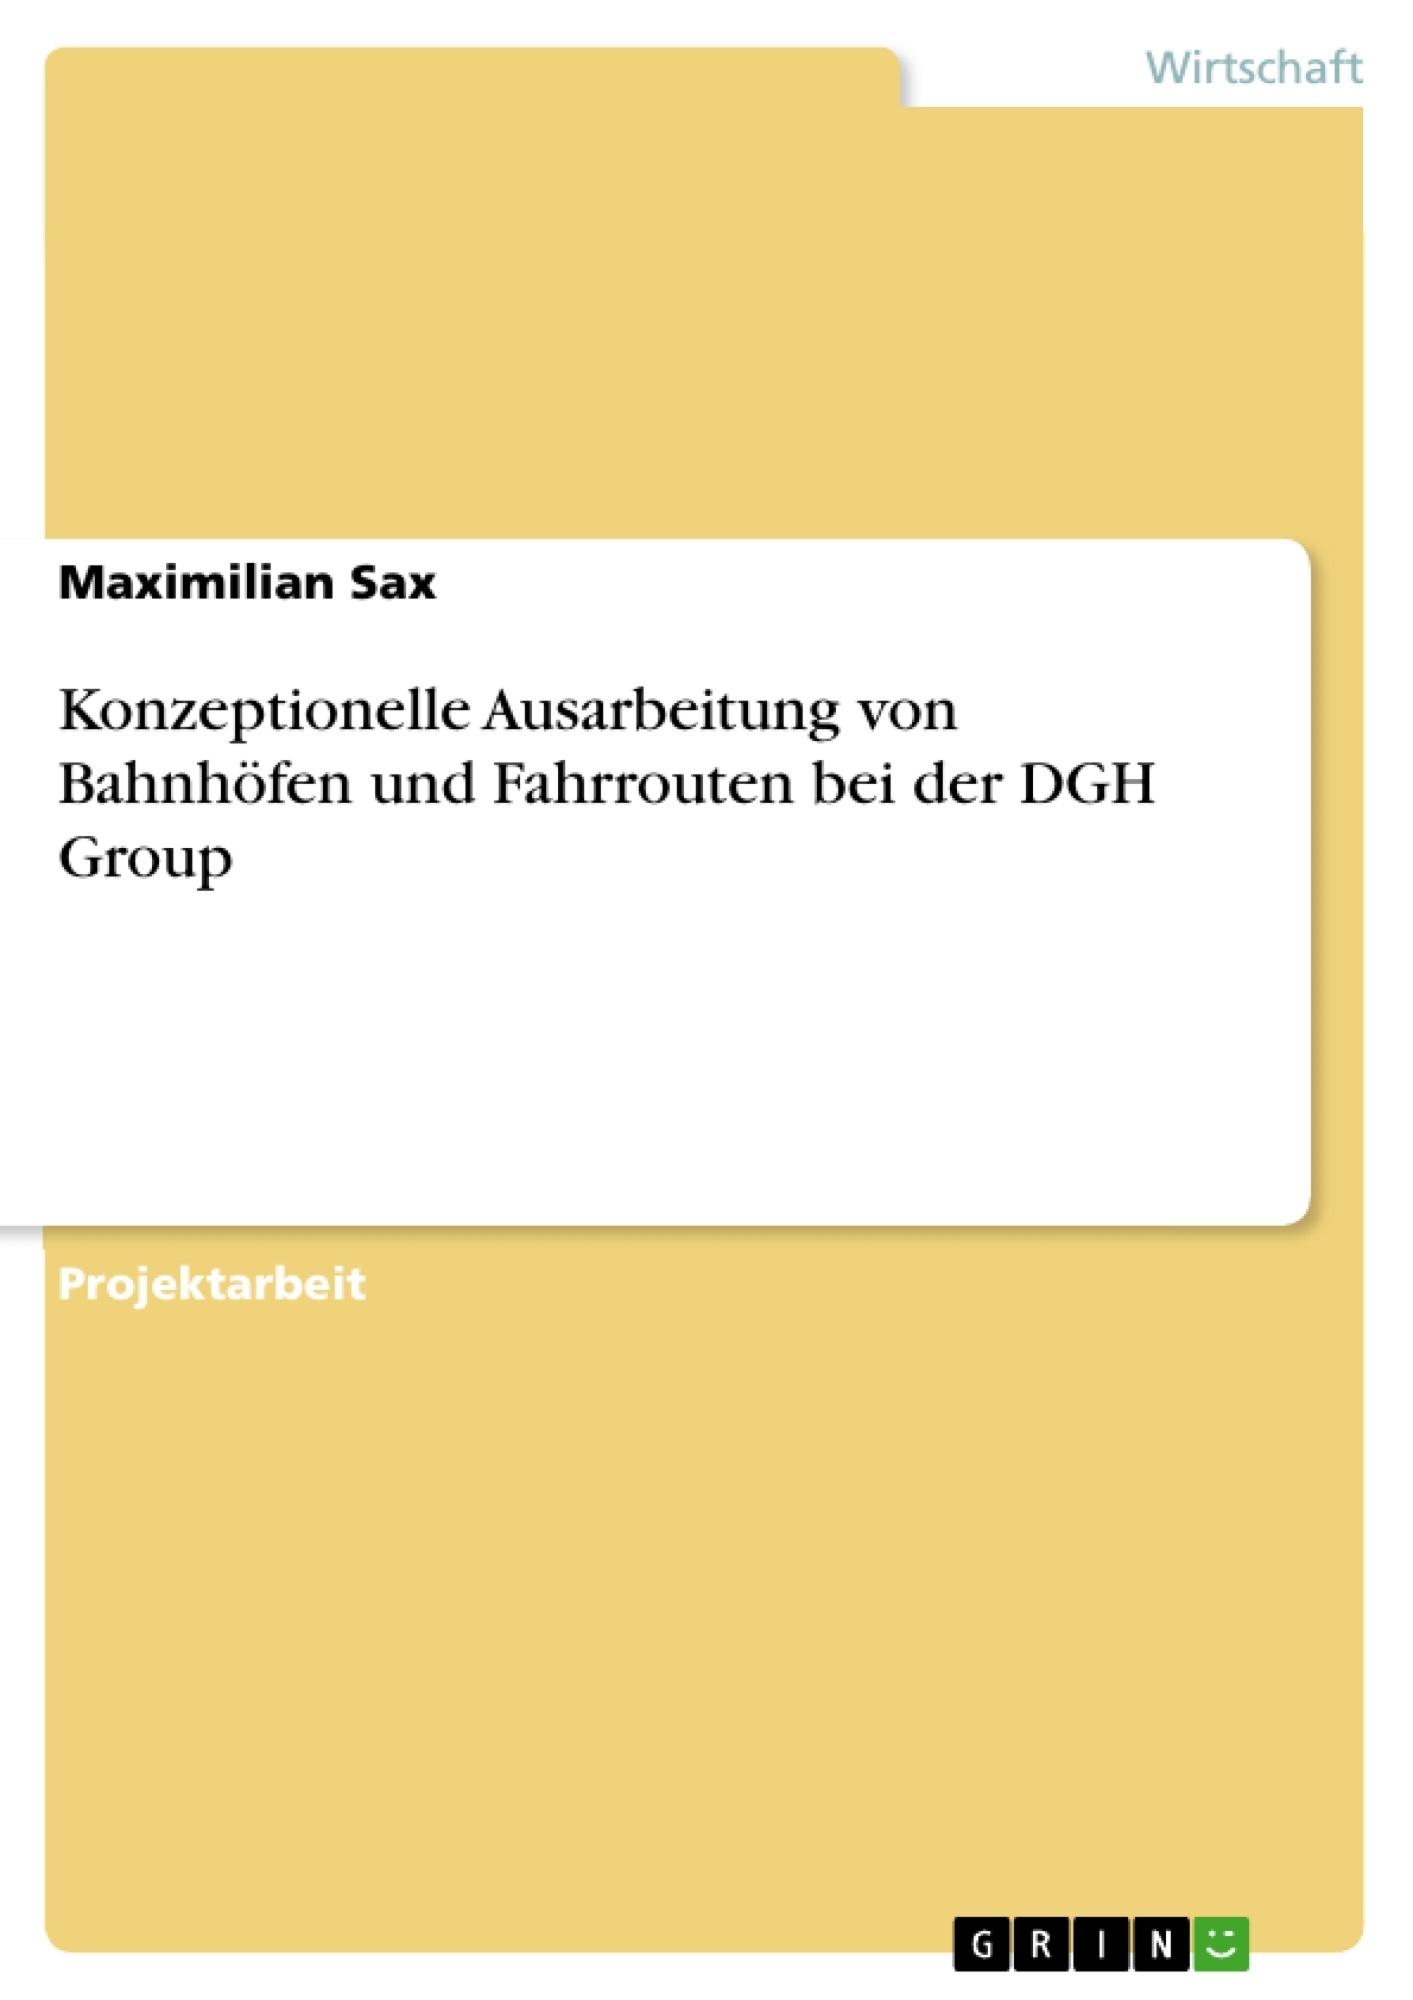 Titel: Konzeptionelle Ausarbeitung von Bahnhöfen und Fahrrouten bei der DGH Group